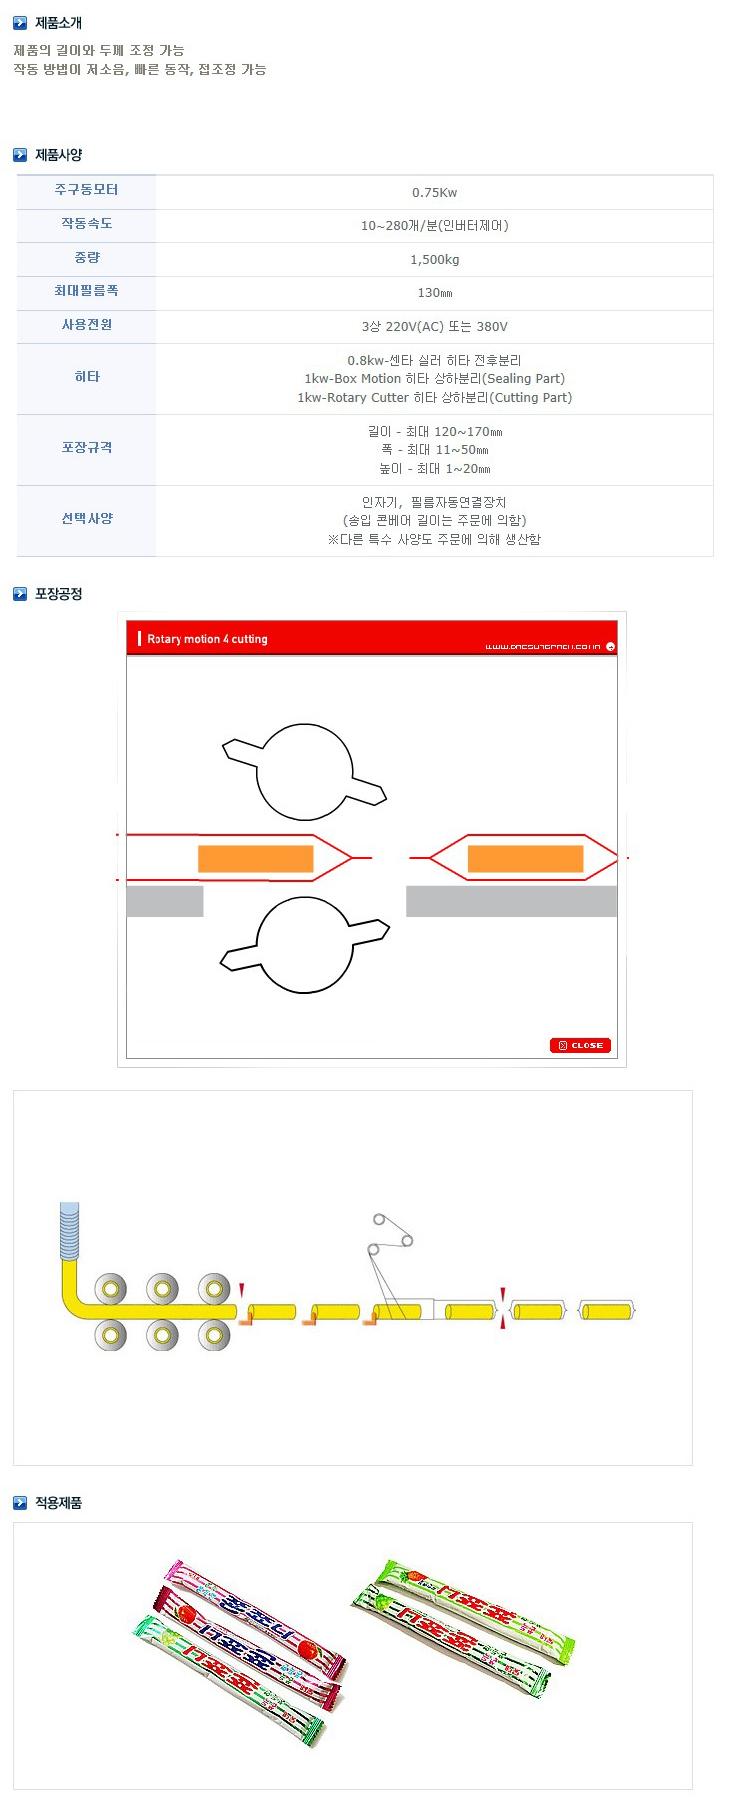 대성자동포장기계 소프트캔디류 자동포장기계 DS-1500CP